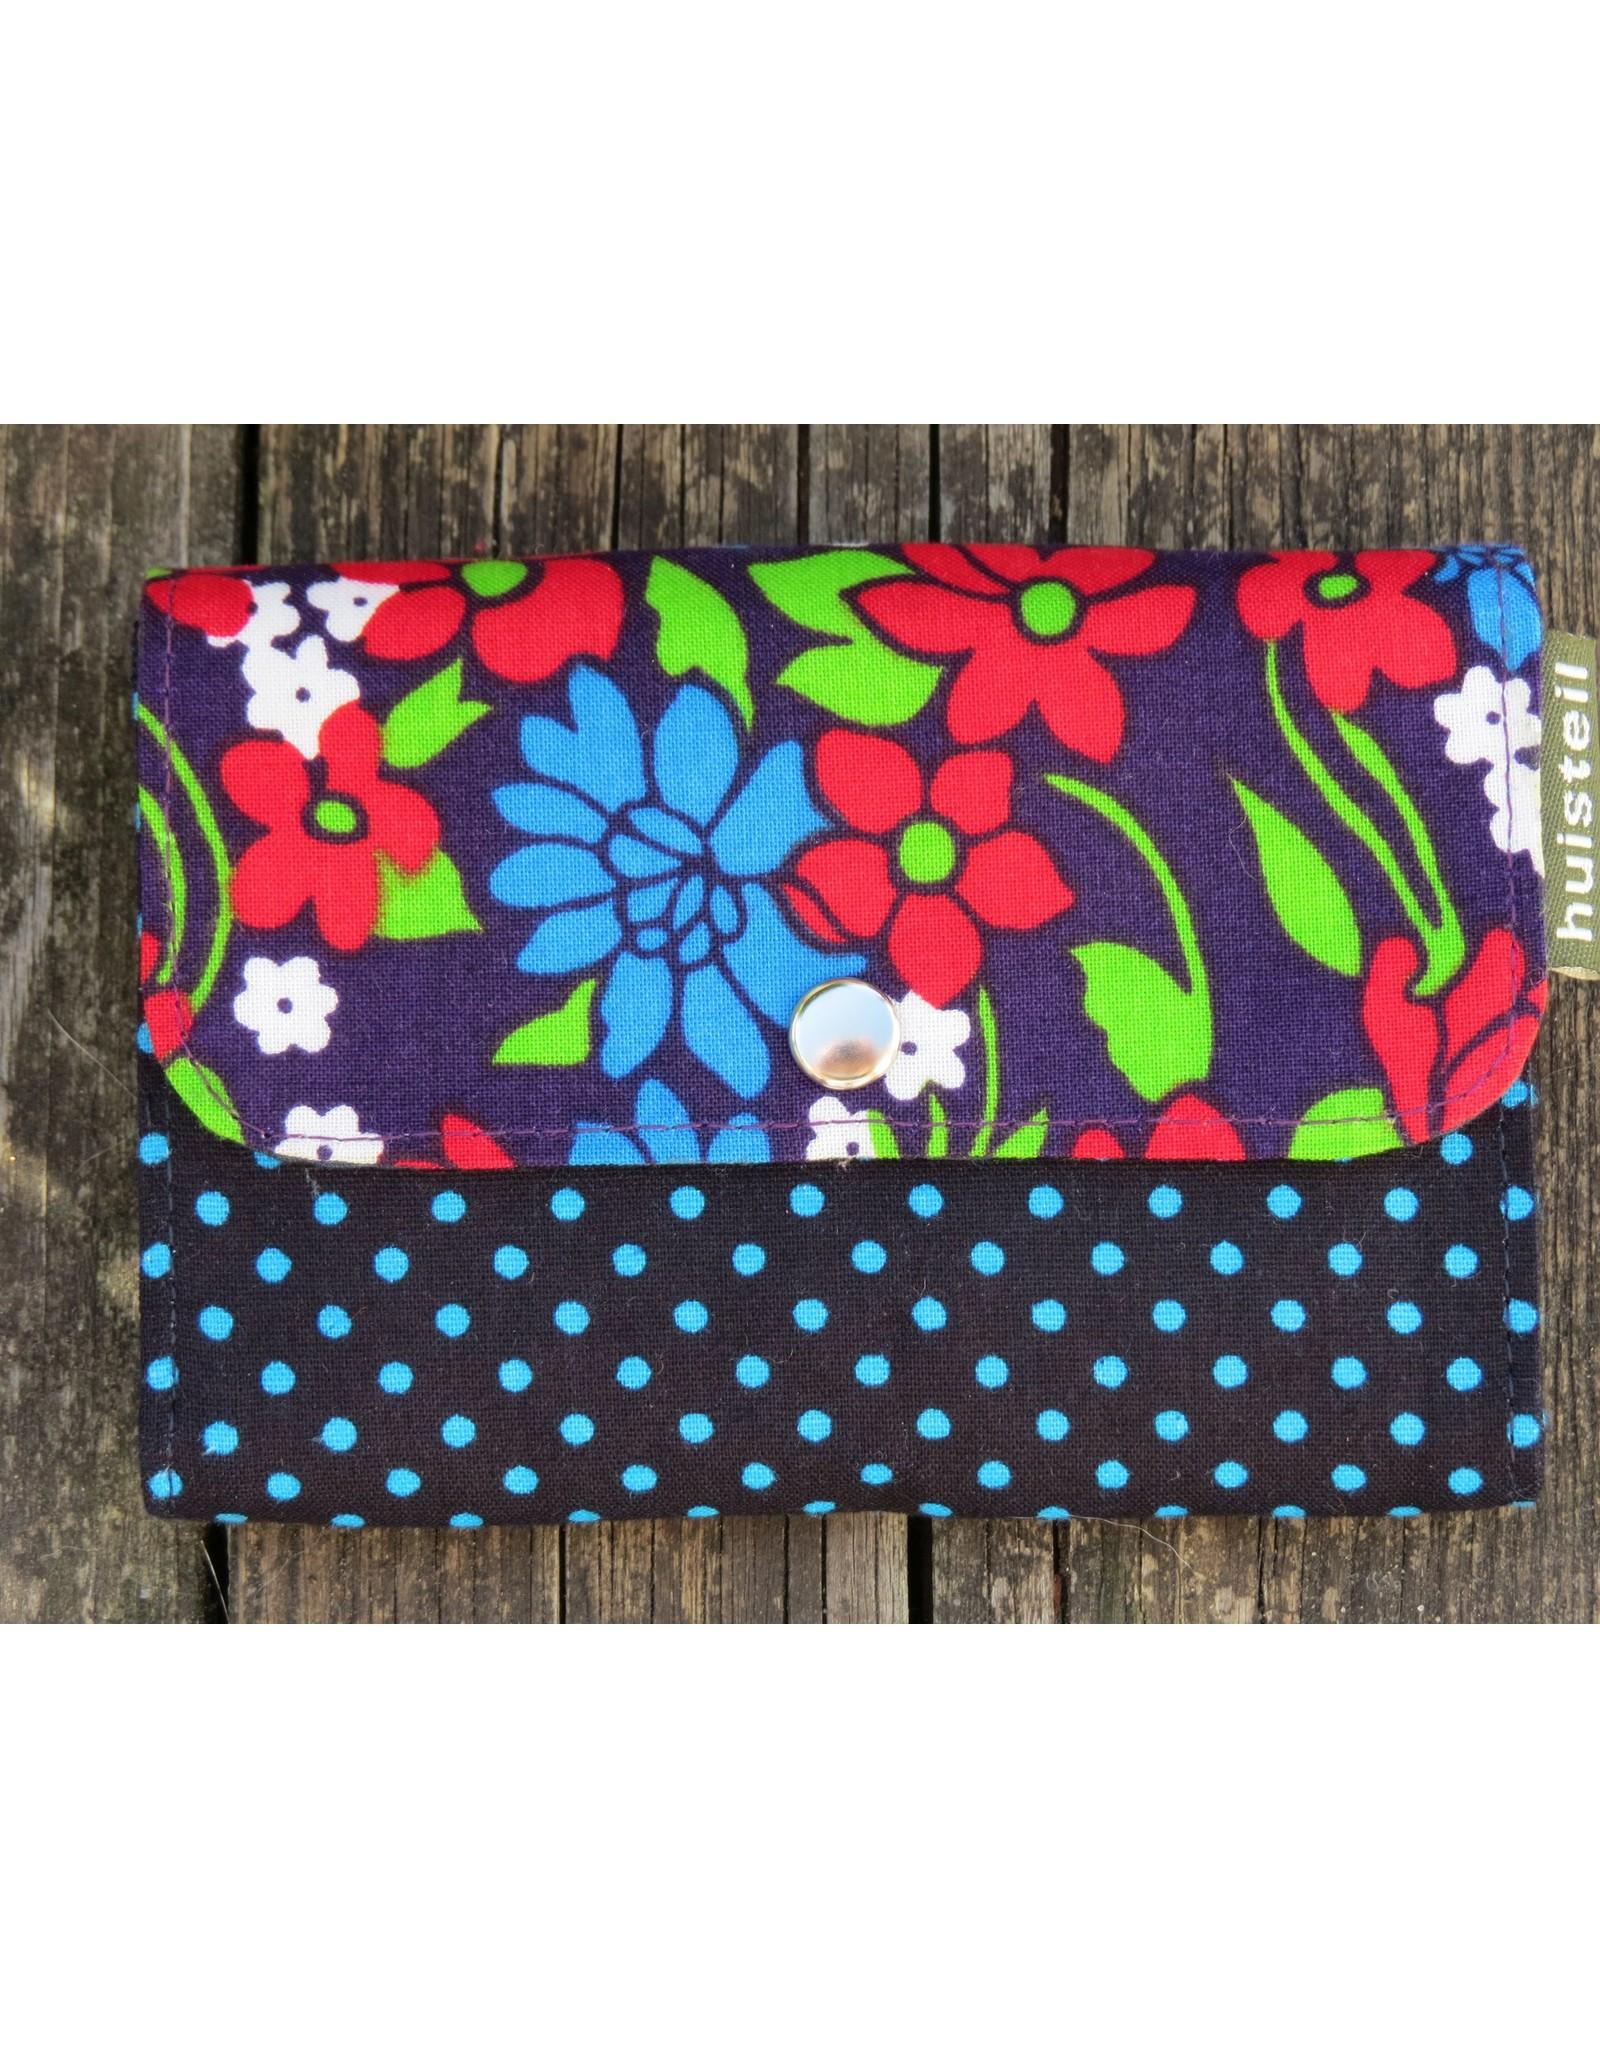 Huisteil Small retro purse - colored